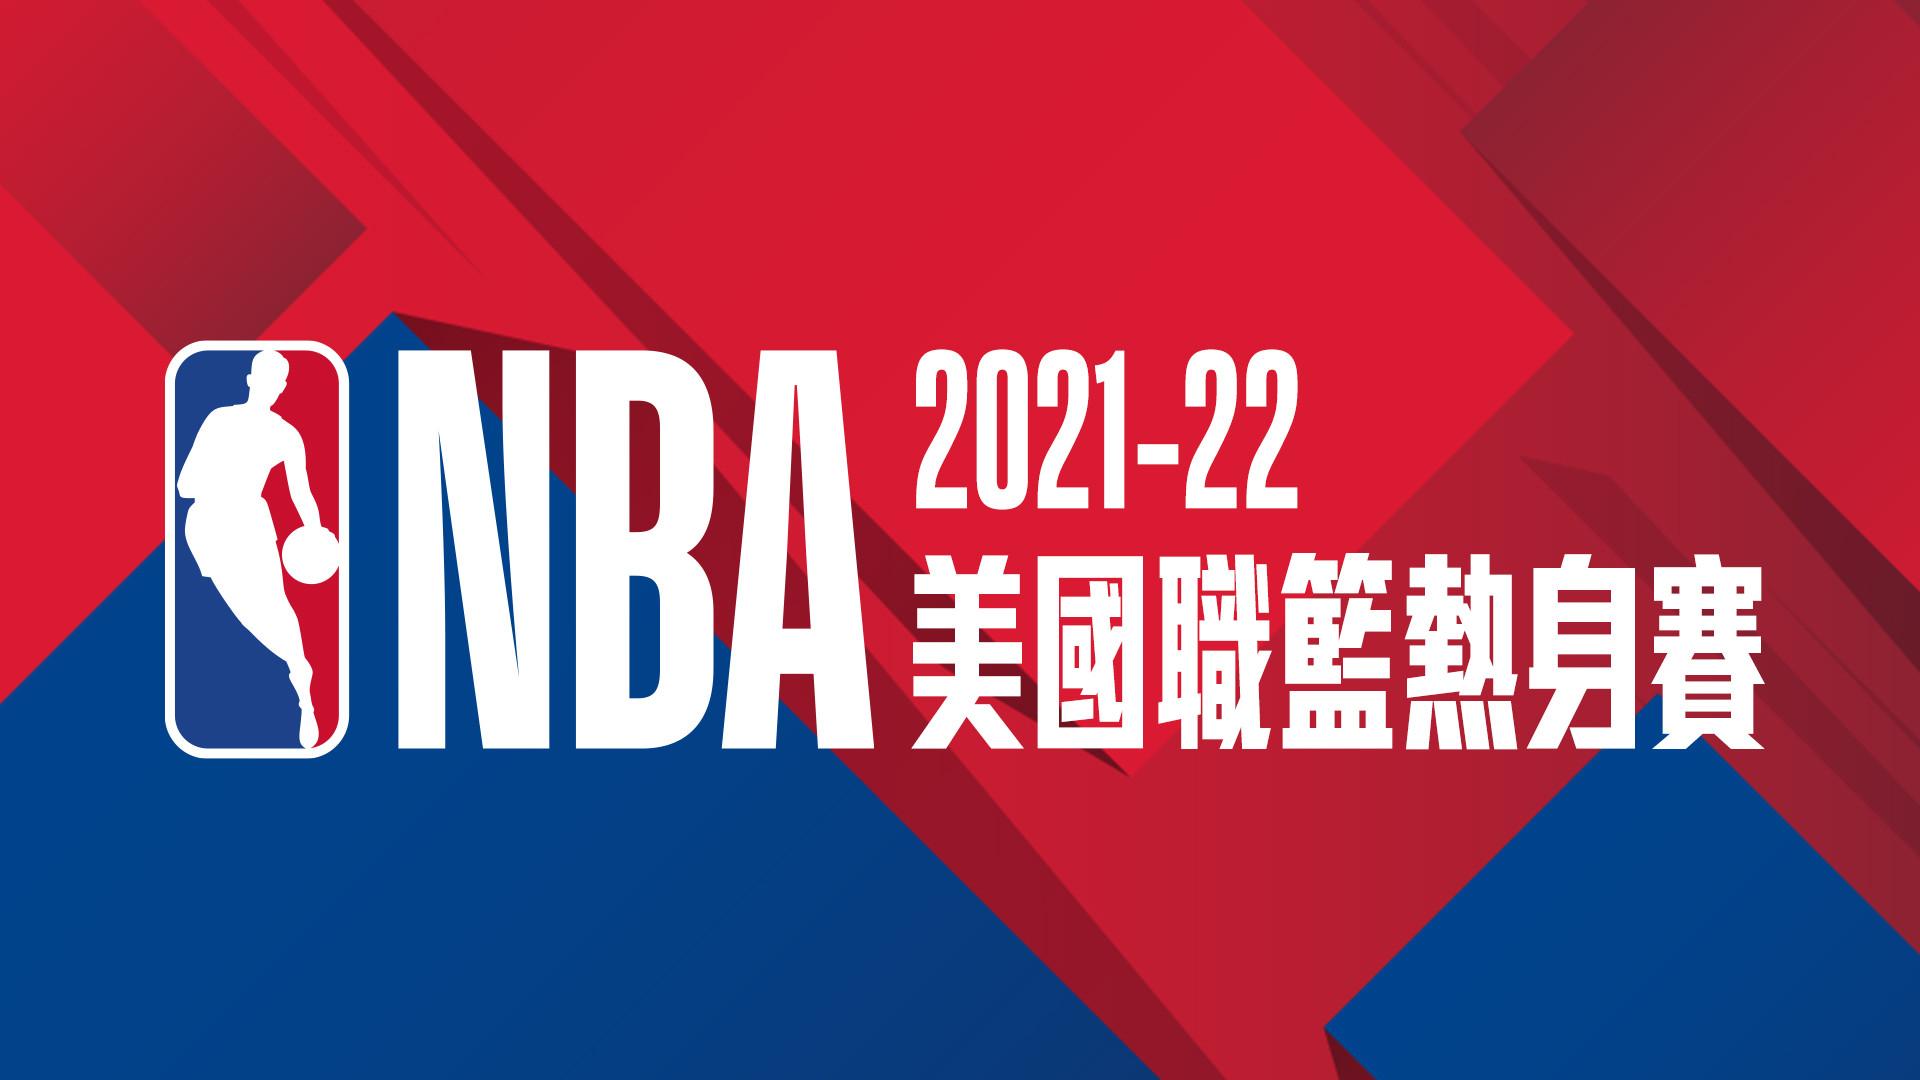 2021-22 NBA 熱身賽